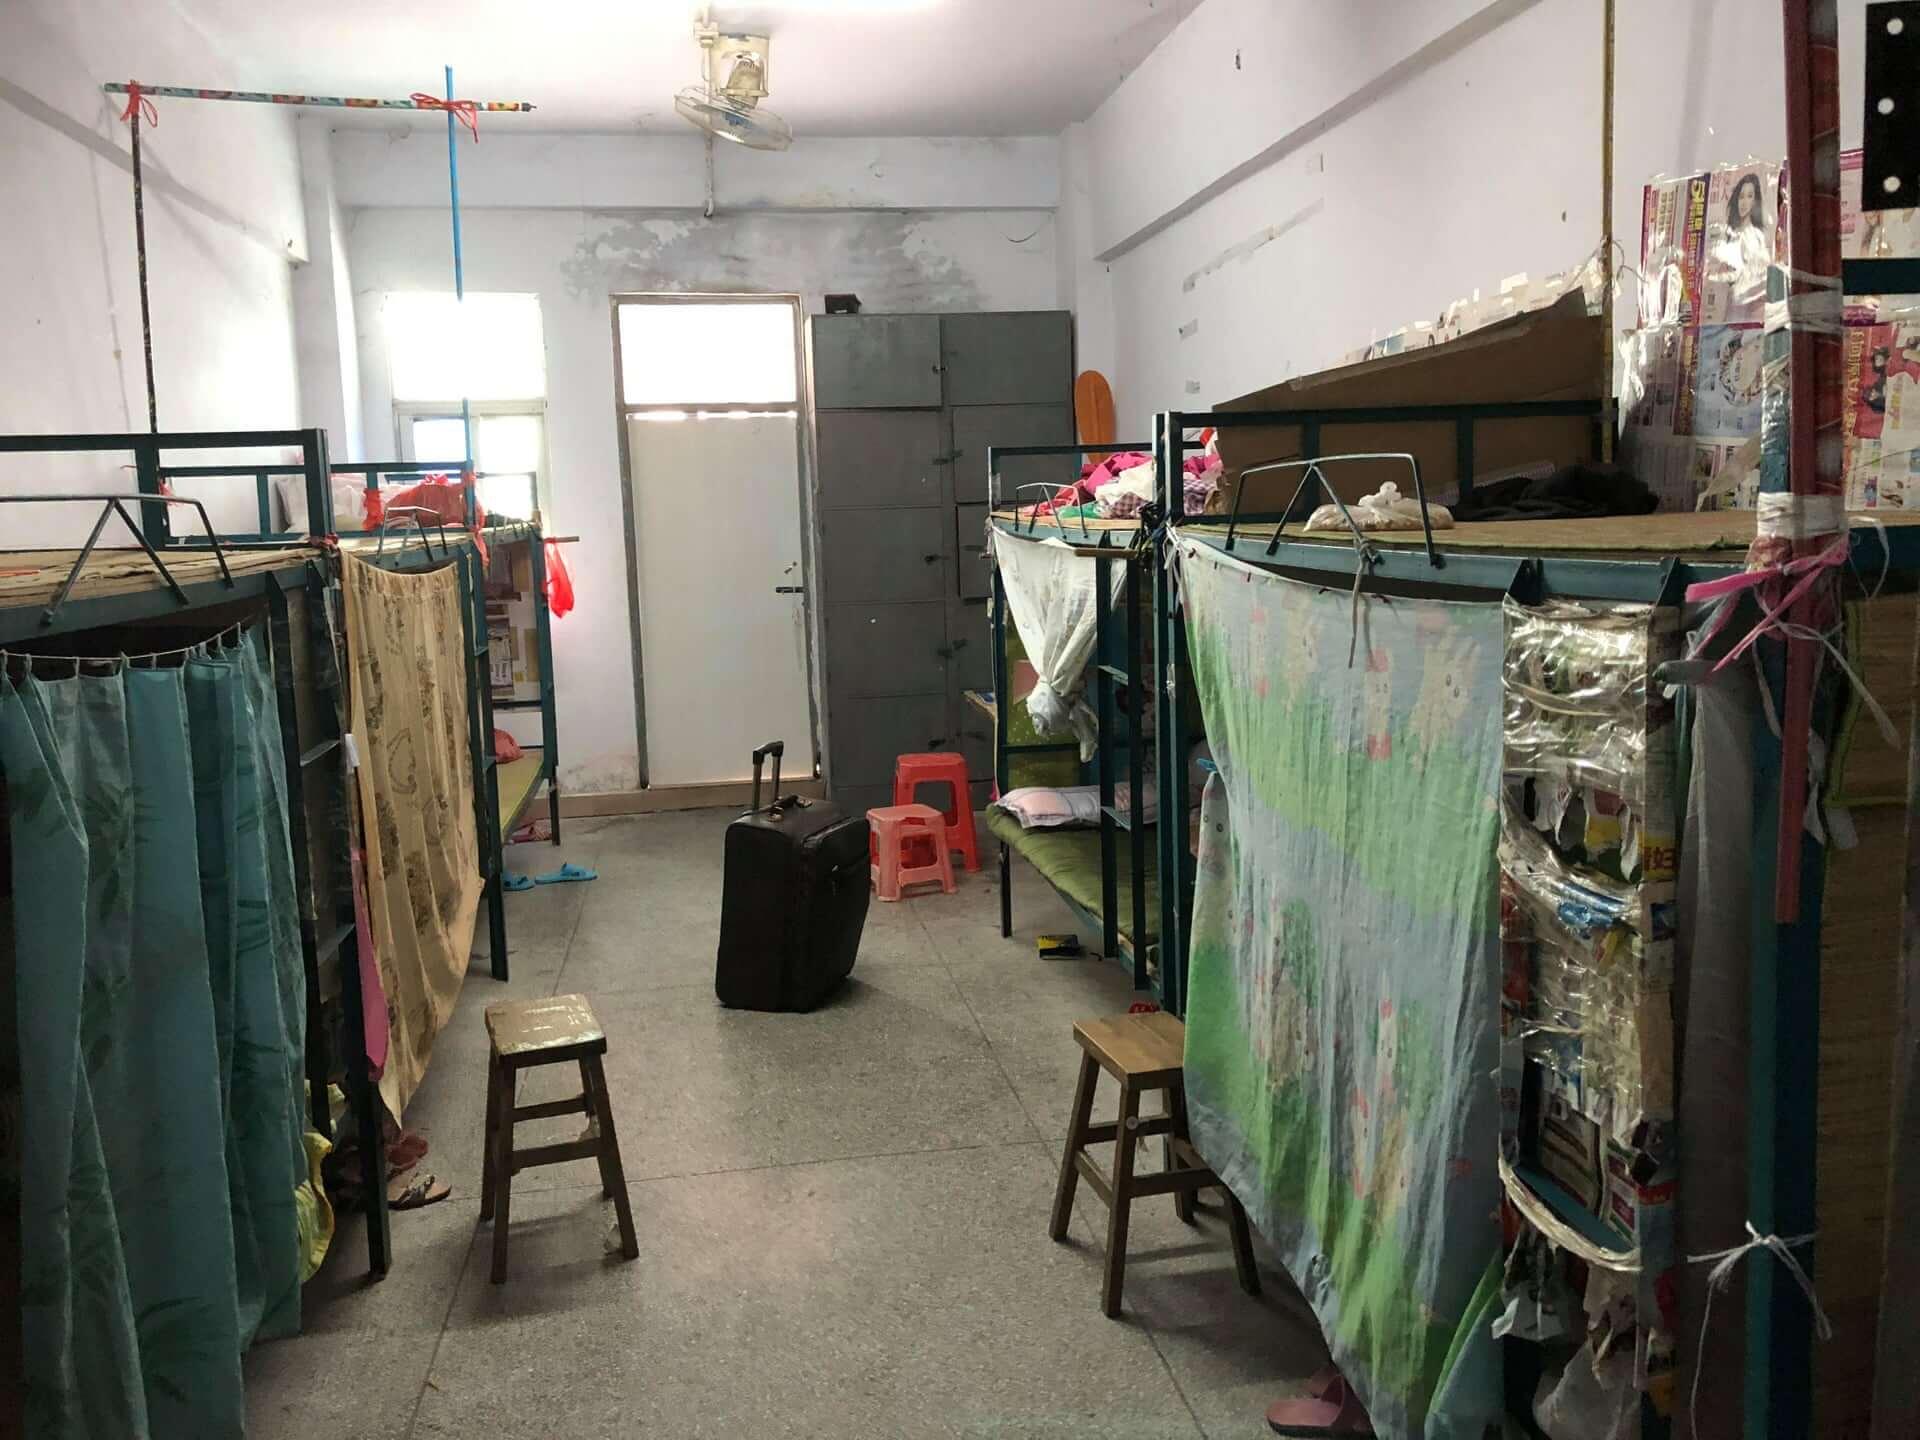 Dormitorios improvisados de algunos trabajadores. Fotografía: China Labor Watch